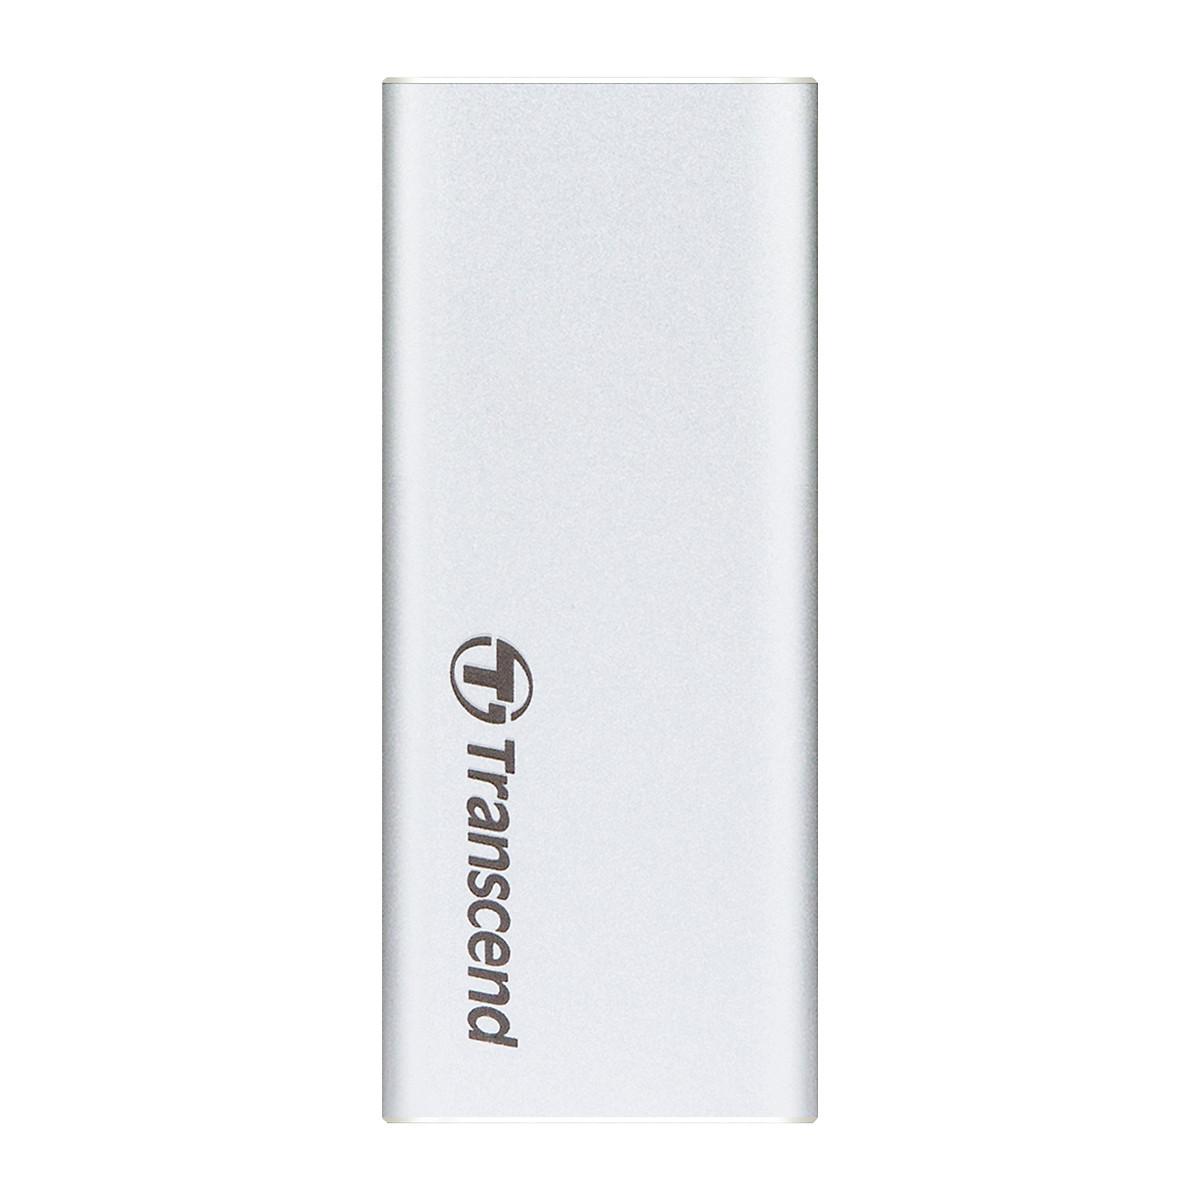 Ổ Cứng Di Động SSD Transcend ESD240C 120GB 2.5″ USB Type C – TS120GESD240C – Hàng Chính Hãng